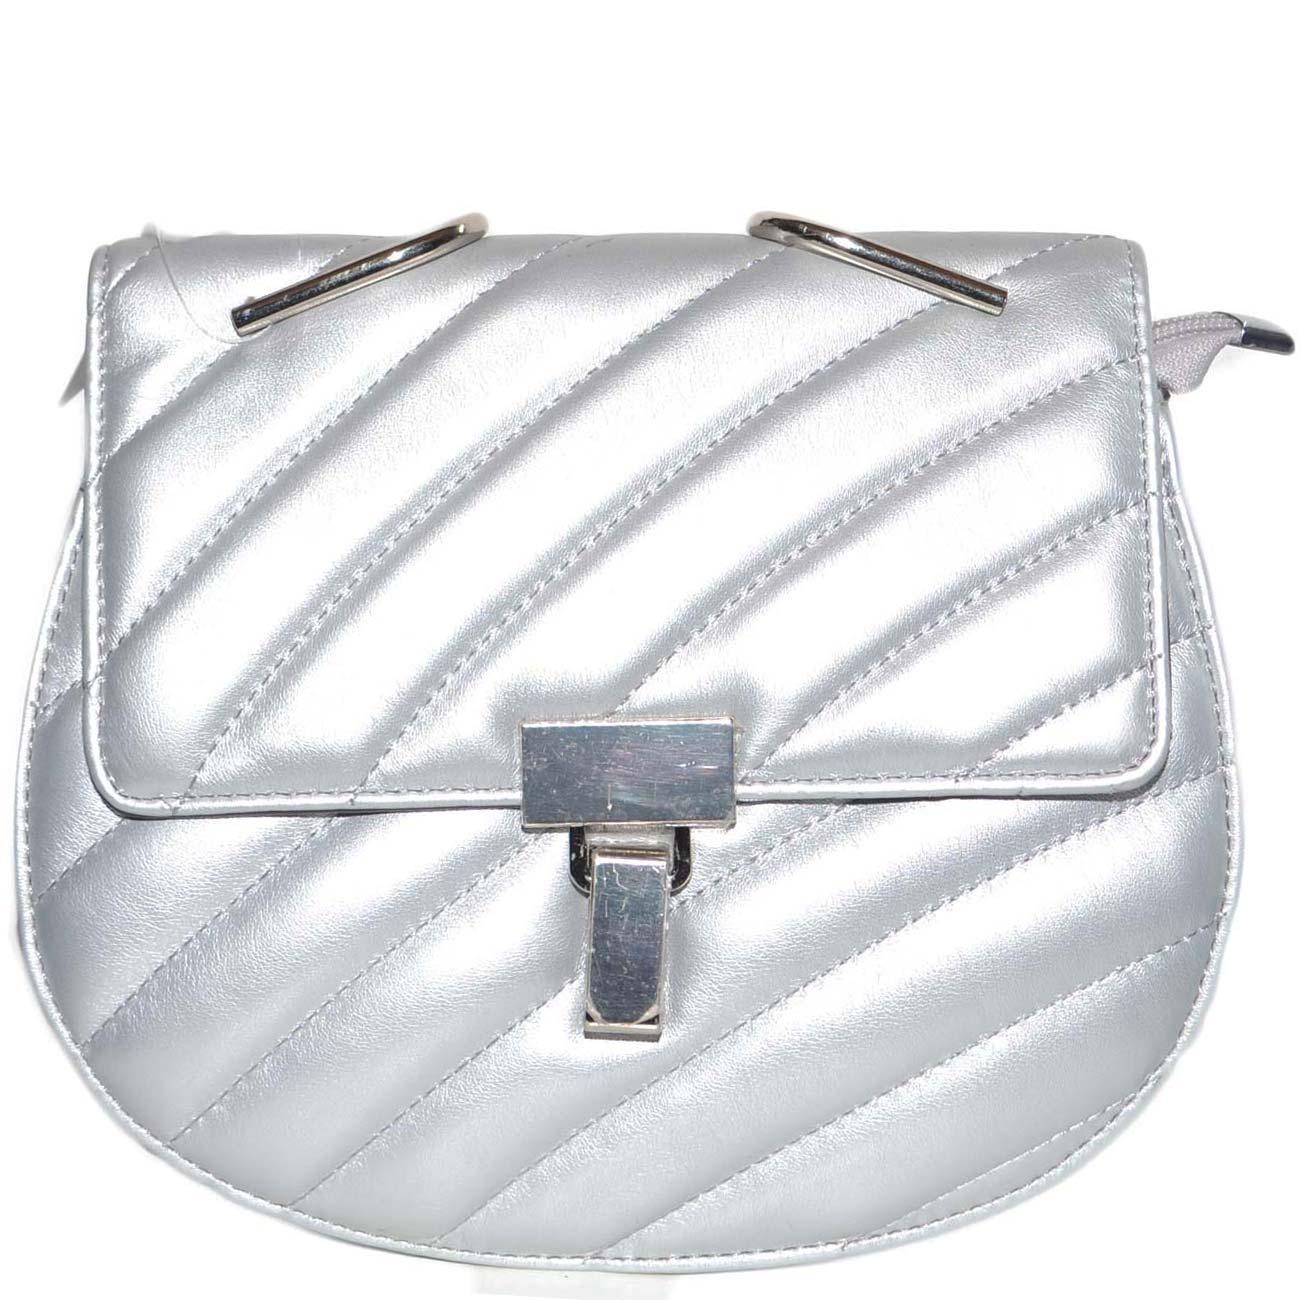 3f2179de13 Borsa donna argento piccola in pelle con catena e tracolla gancio ...